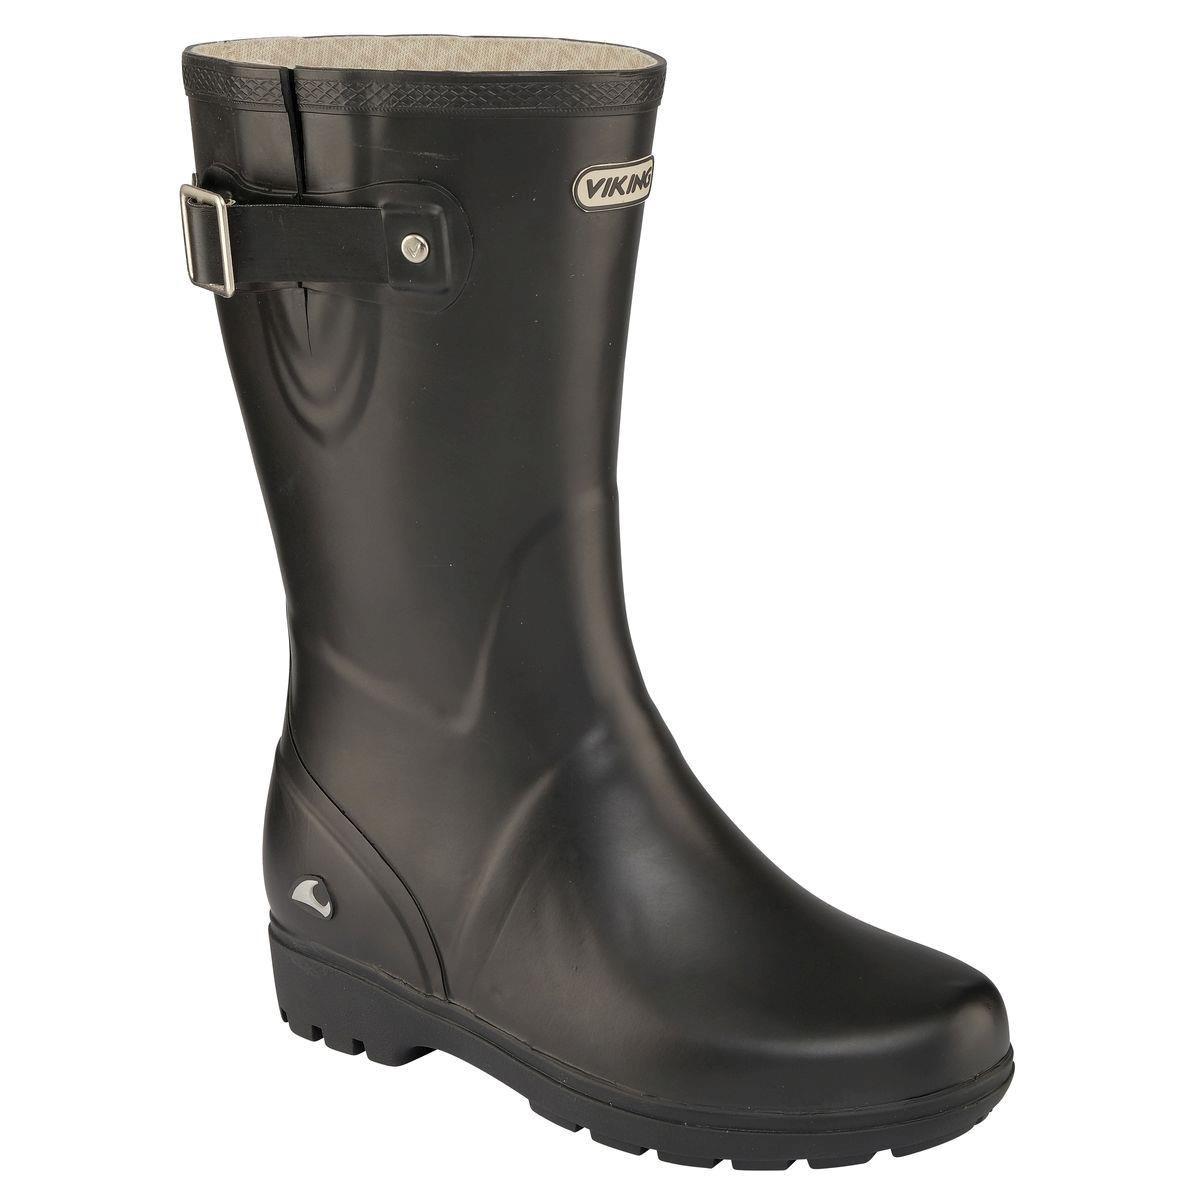 Image of Viking Mira Jr. Kids Rubber Boot - black 2